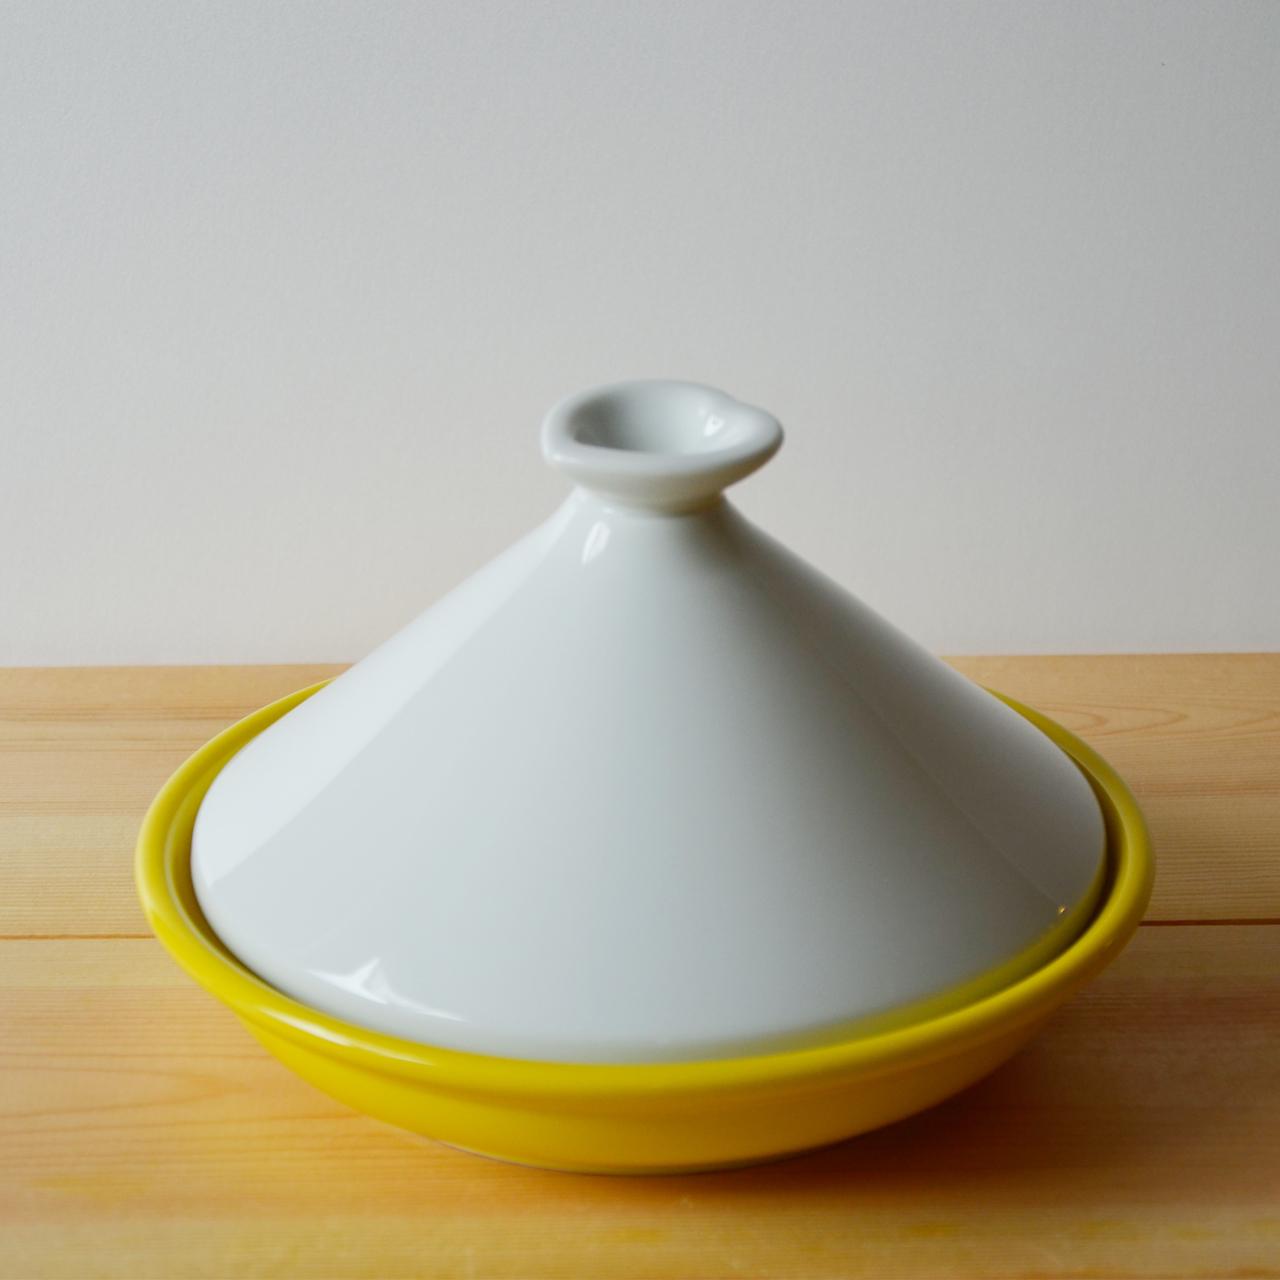 レンジ専用タジン鍋 (黄) 40-004-B